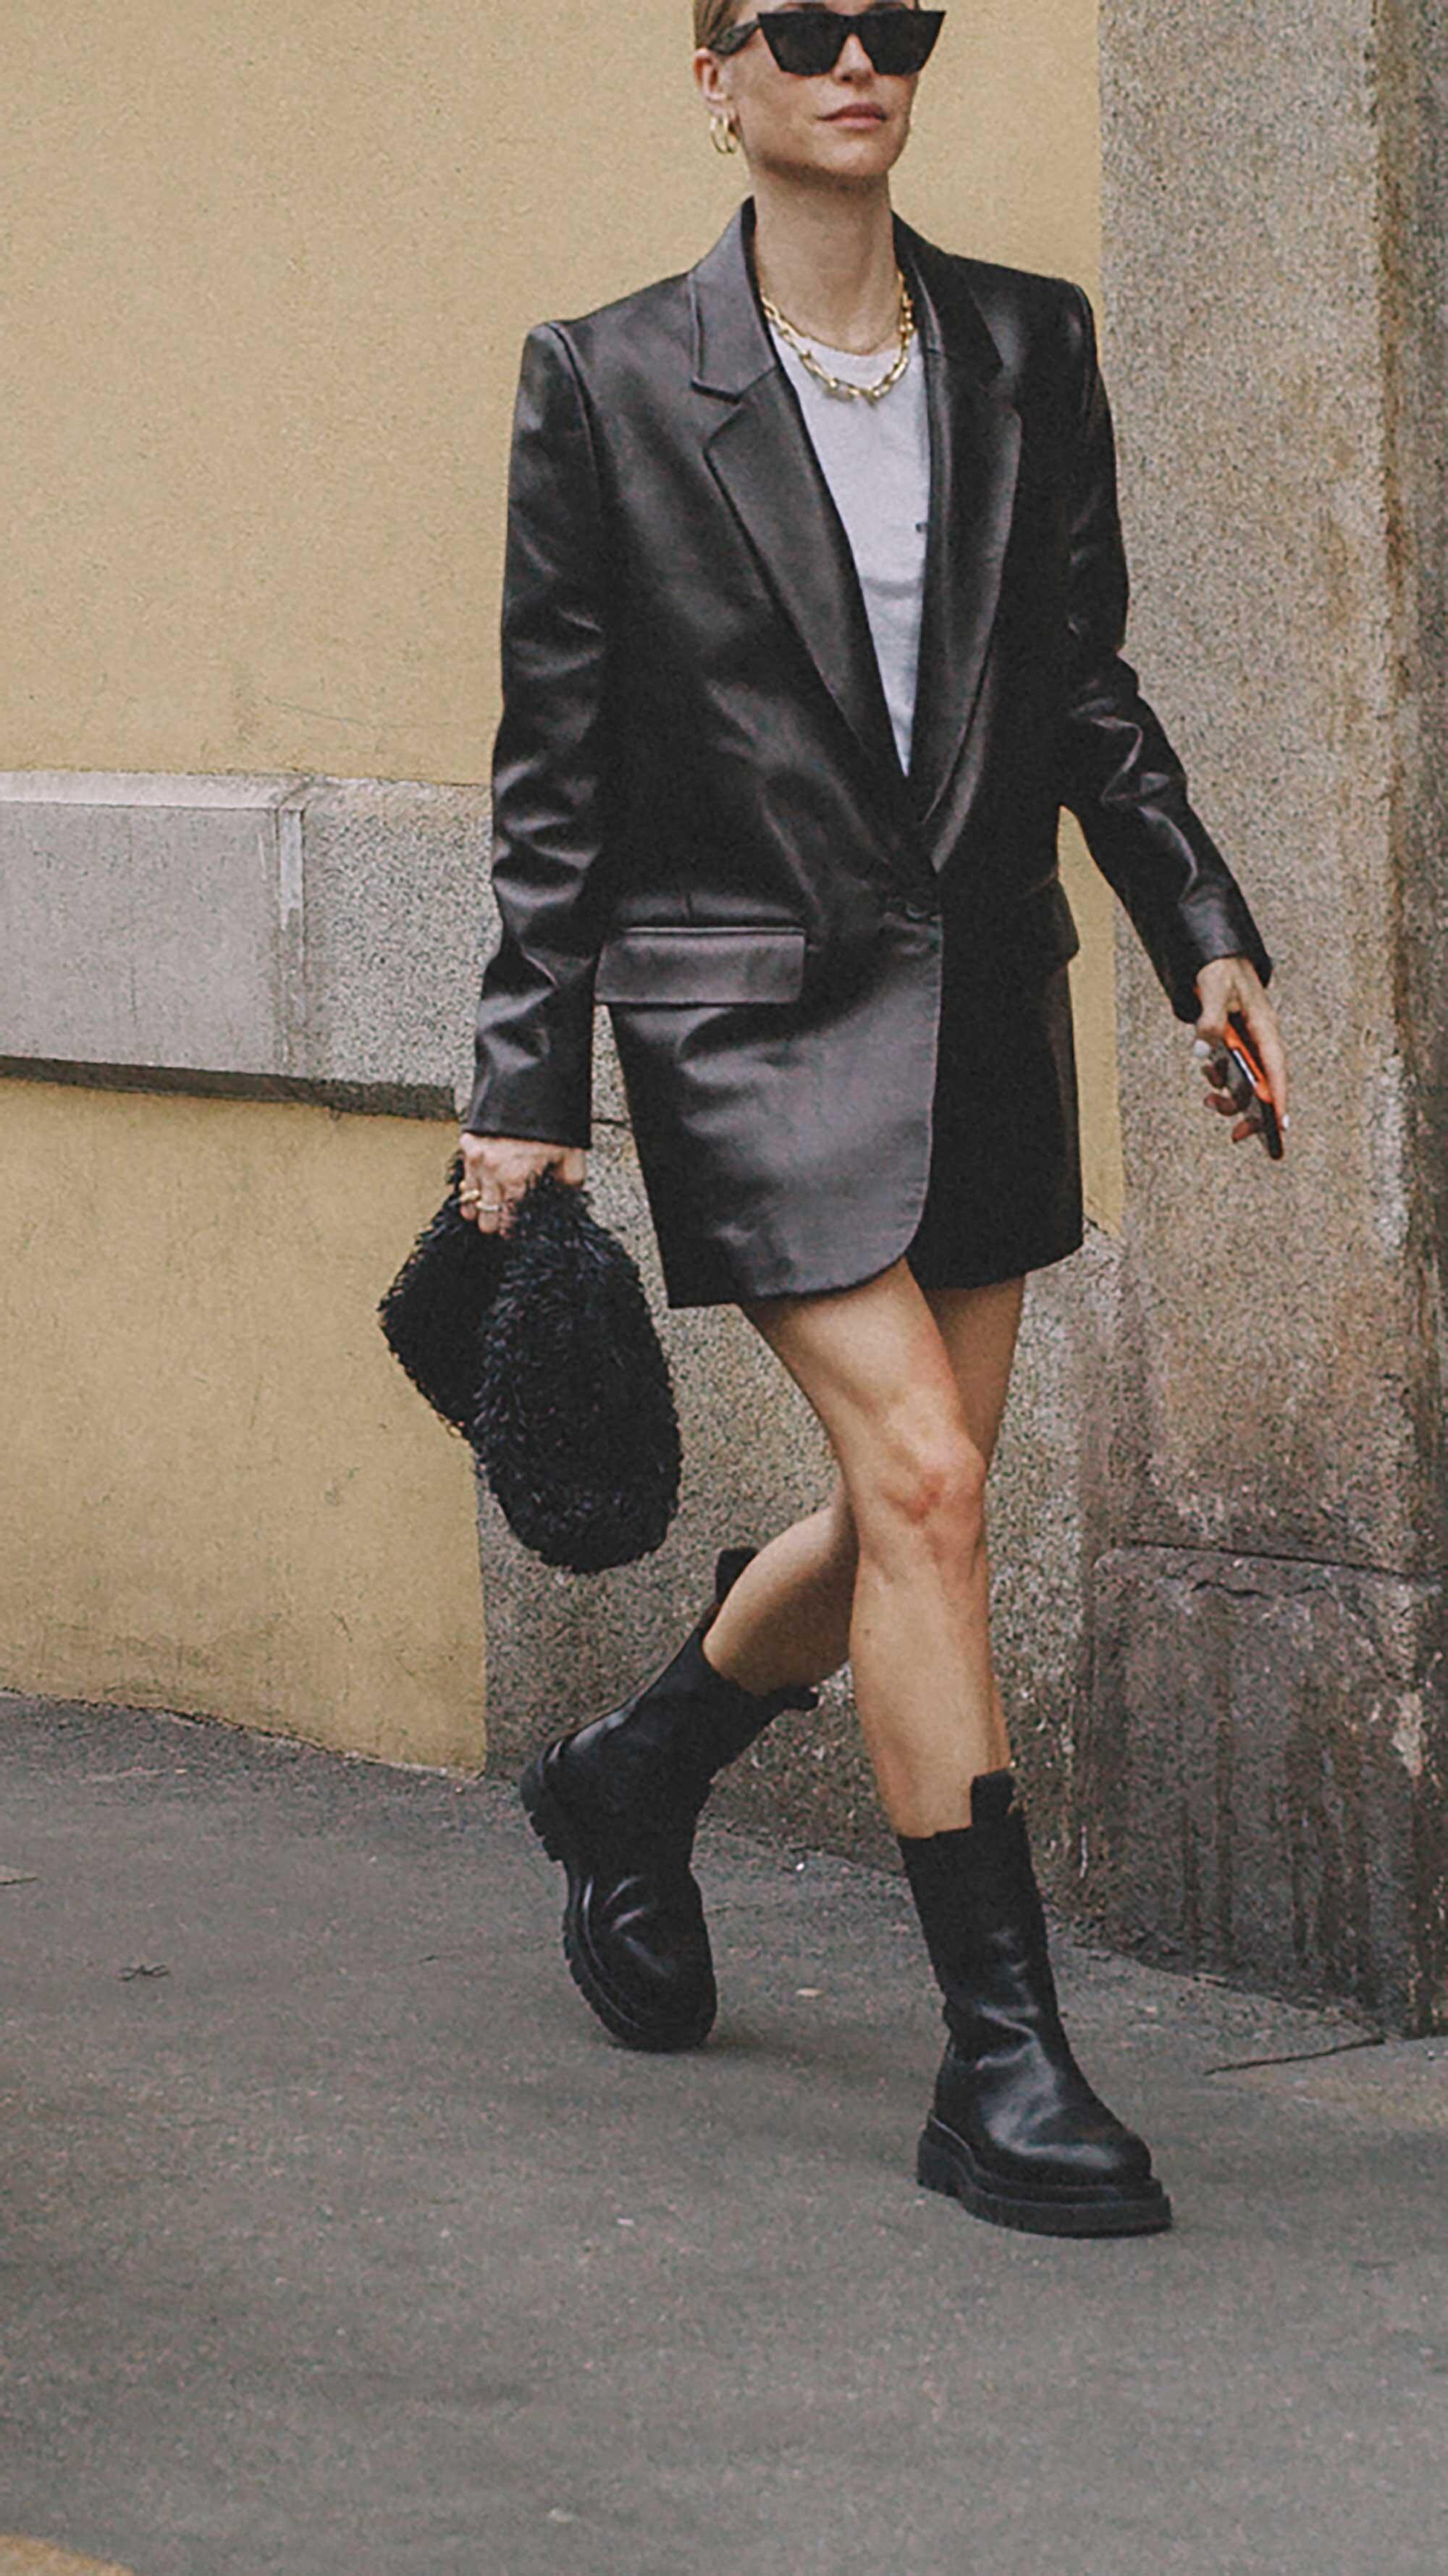 Best outfits of Milan Fashion Week street style 2019 Day One MFW SS20 Photo by @J2martinez Jose J. Martinez www.jmrtnz.com -15.jpg